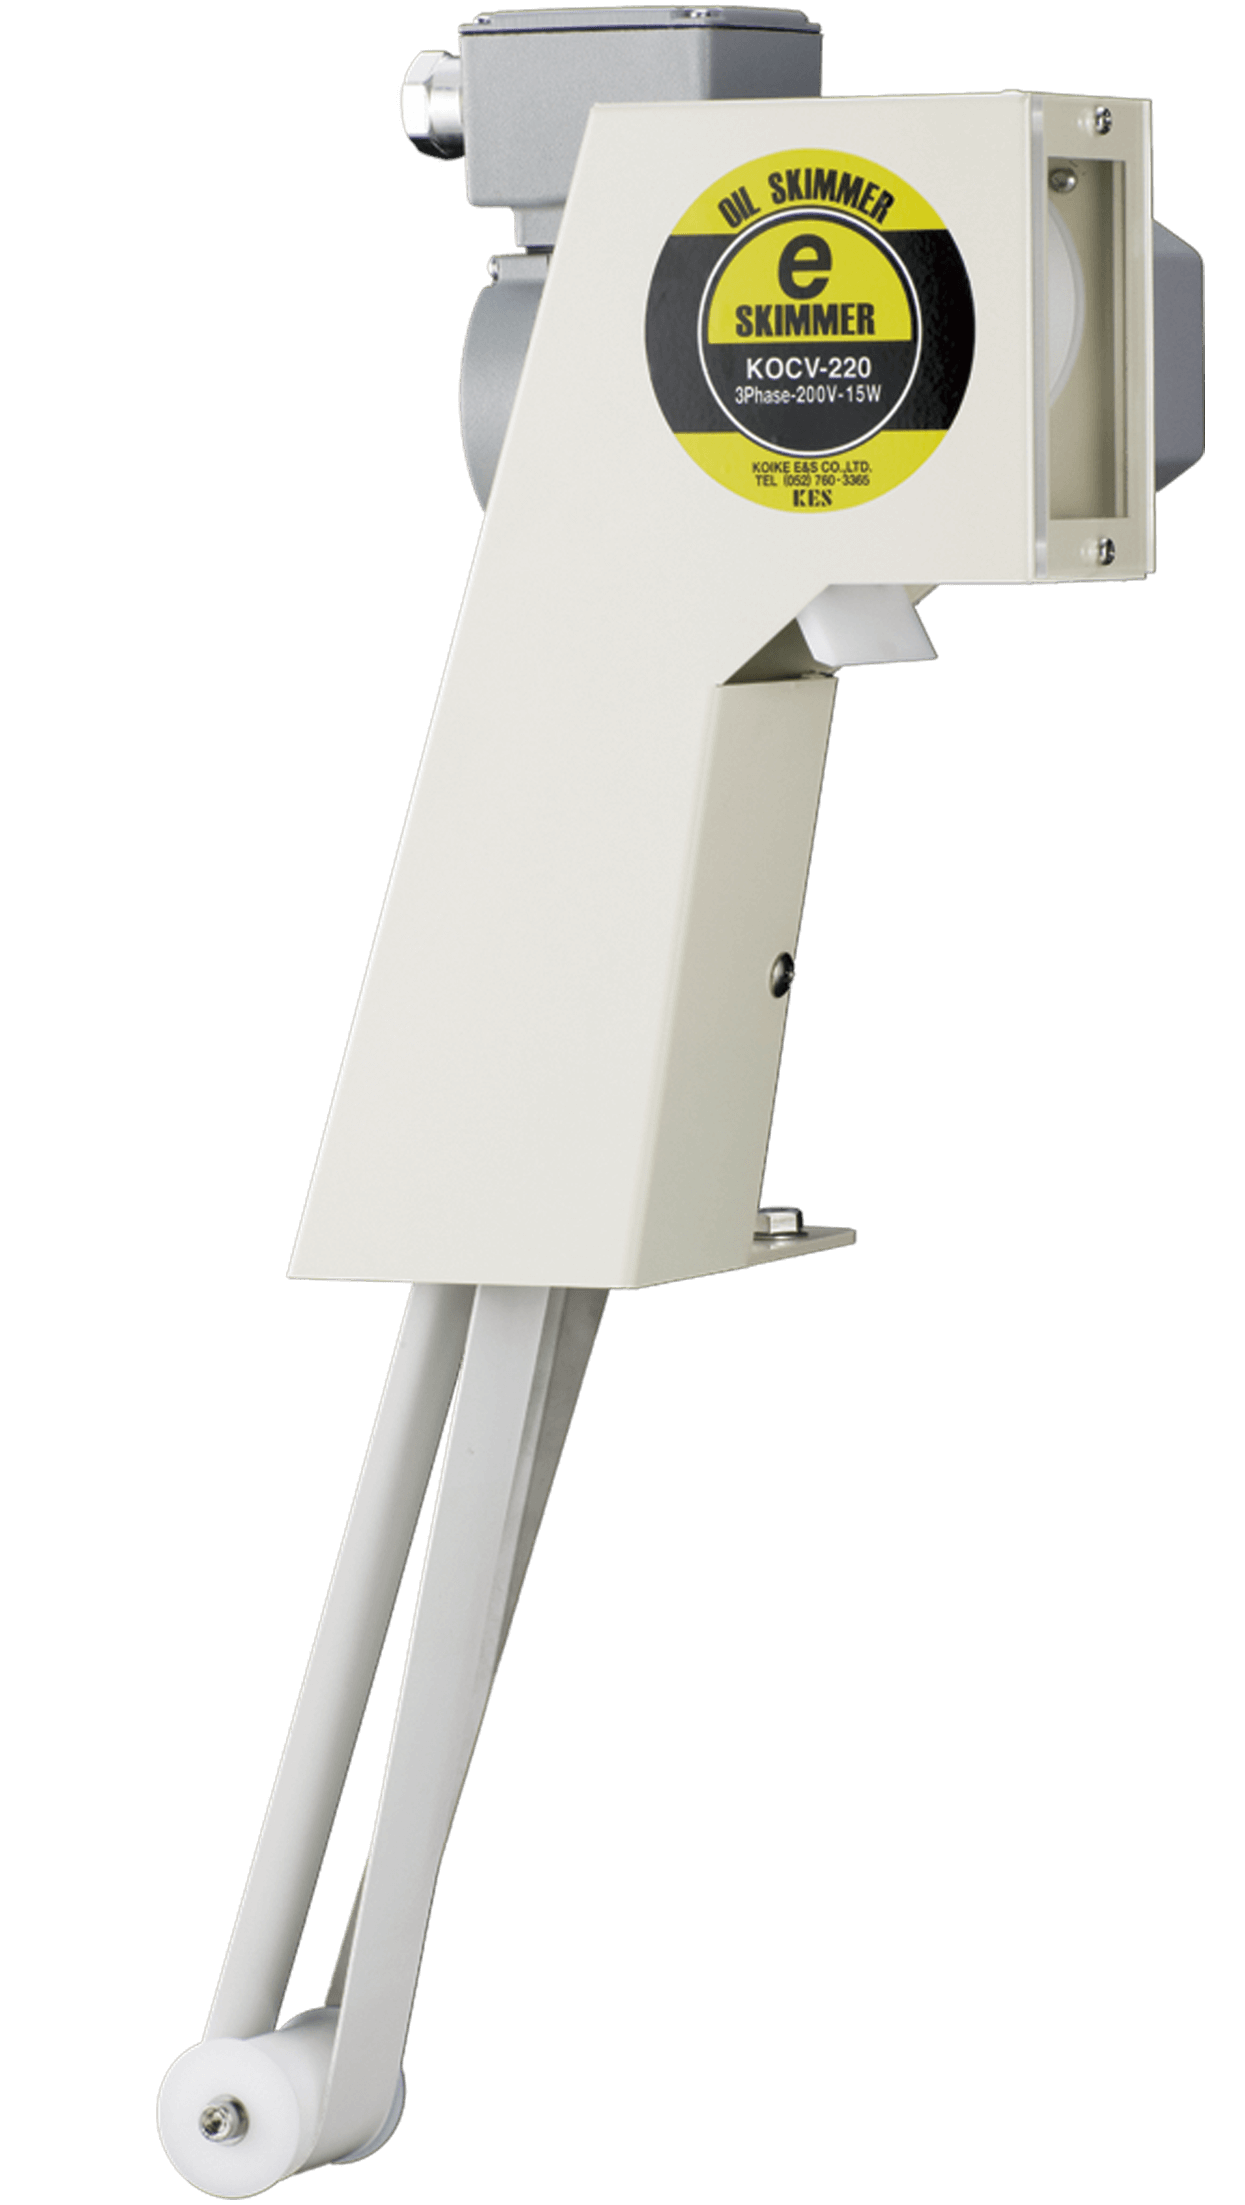 e-SKIMMER イースキマー KOCV型